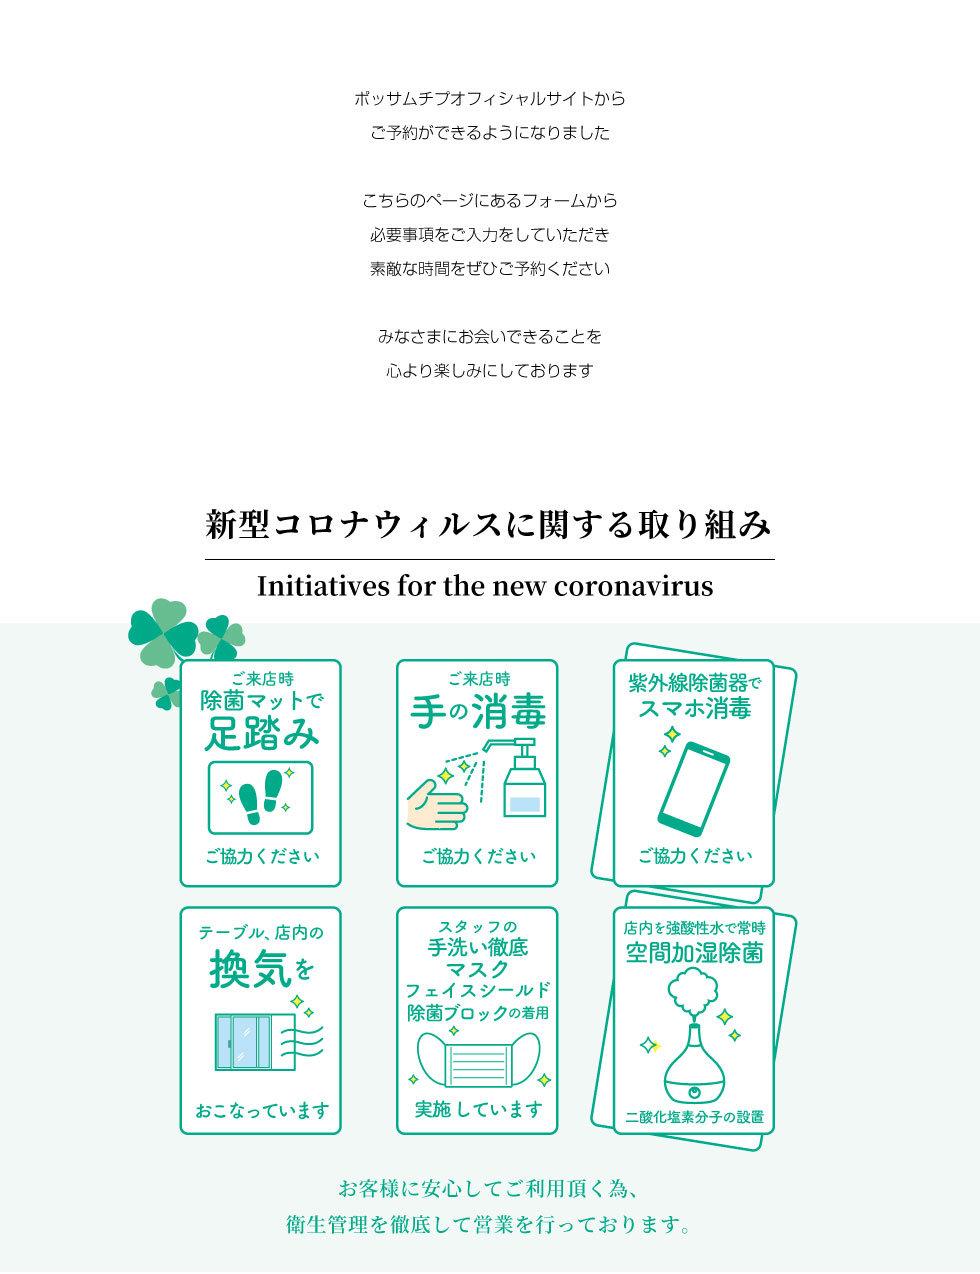 2021-02-19店舗予約ページ_02.jpg